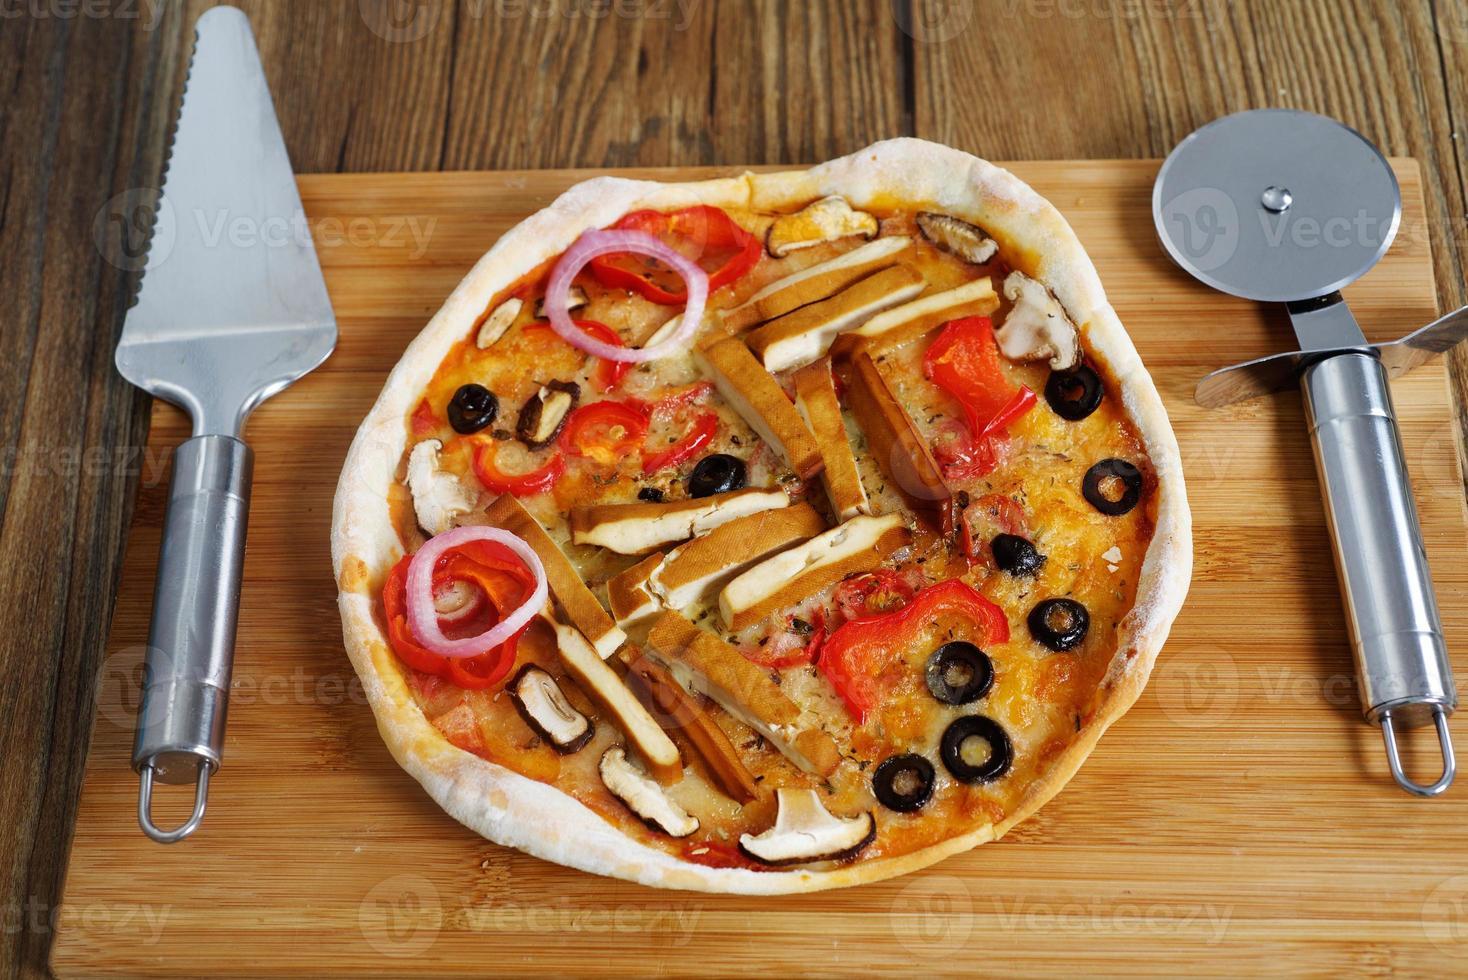 Pizza margarita vegetariana fatta in casa sul tavolo foto